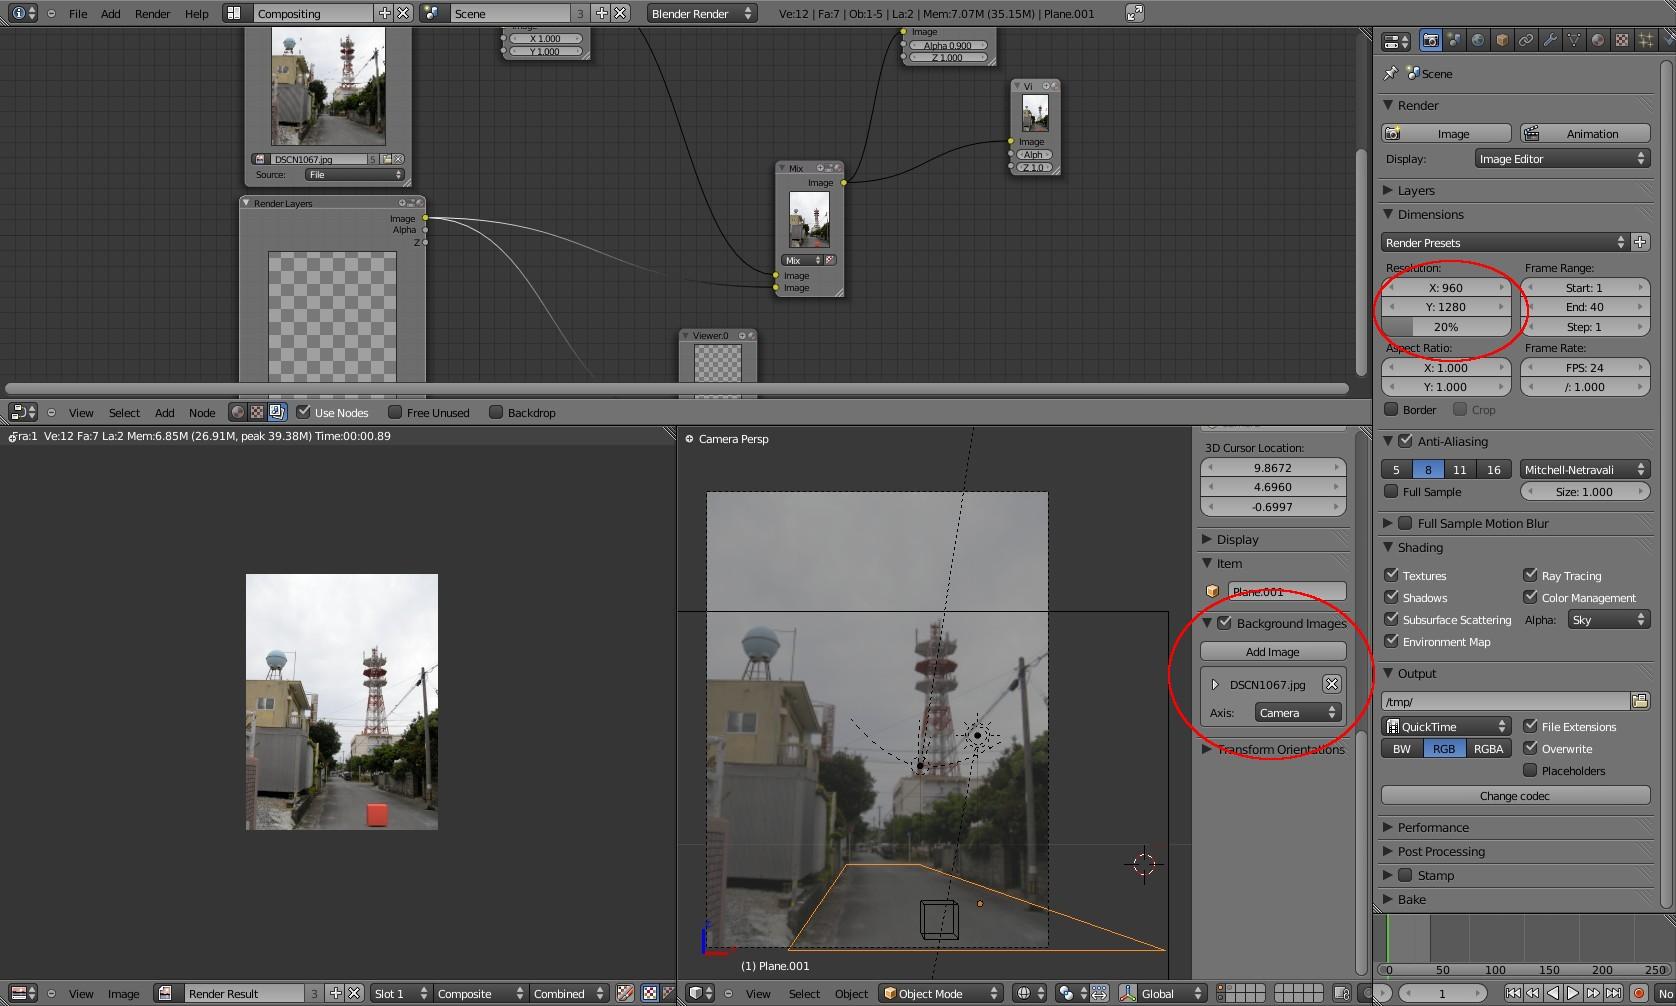 blender 3d tutorial『2Dのイラストの背景画や風景写真との3D合成方法』_a0011382_16451371.jpg